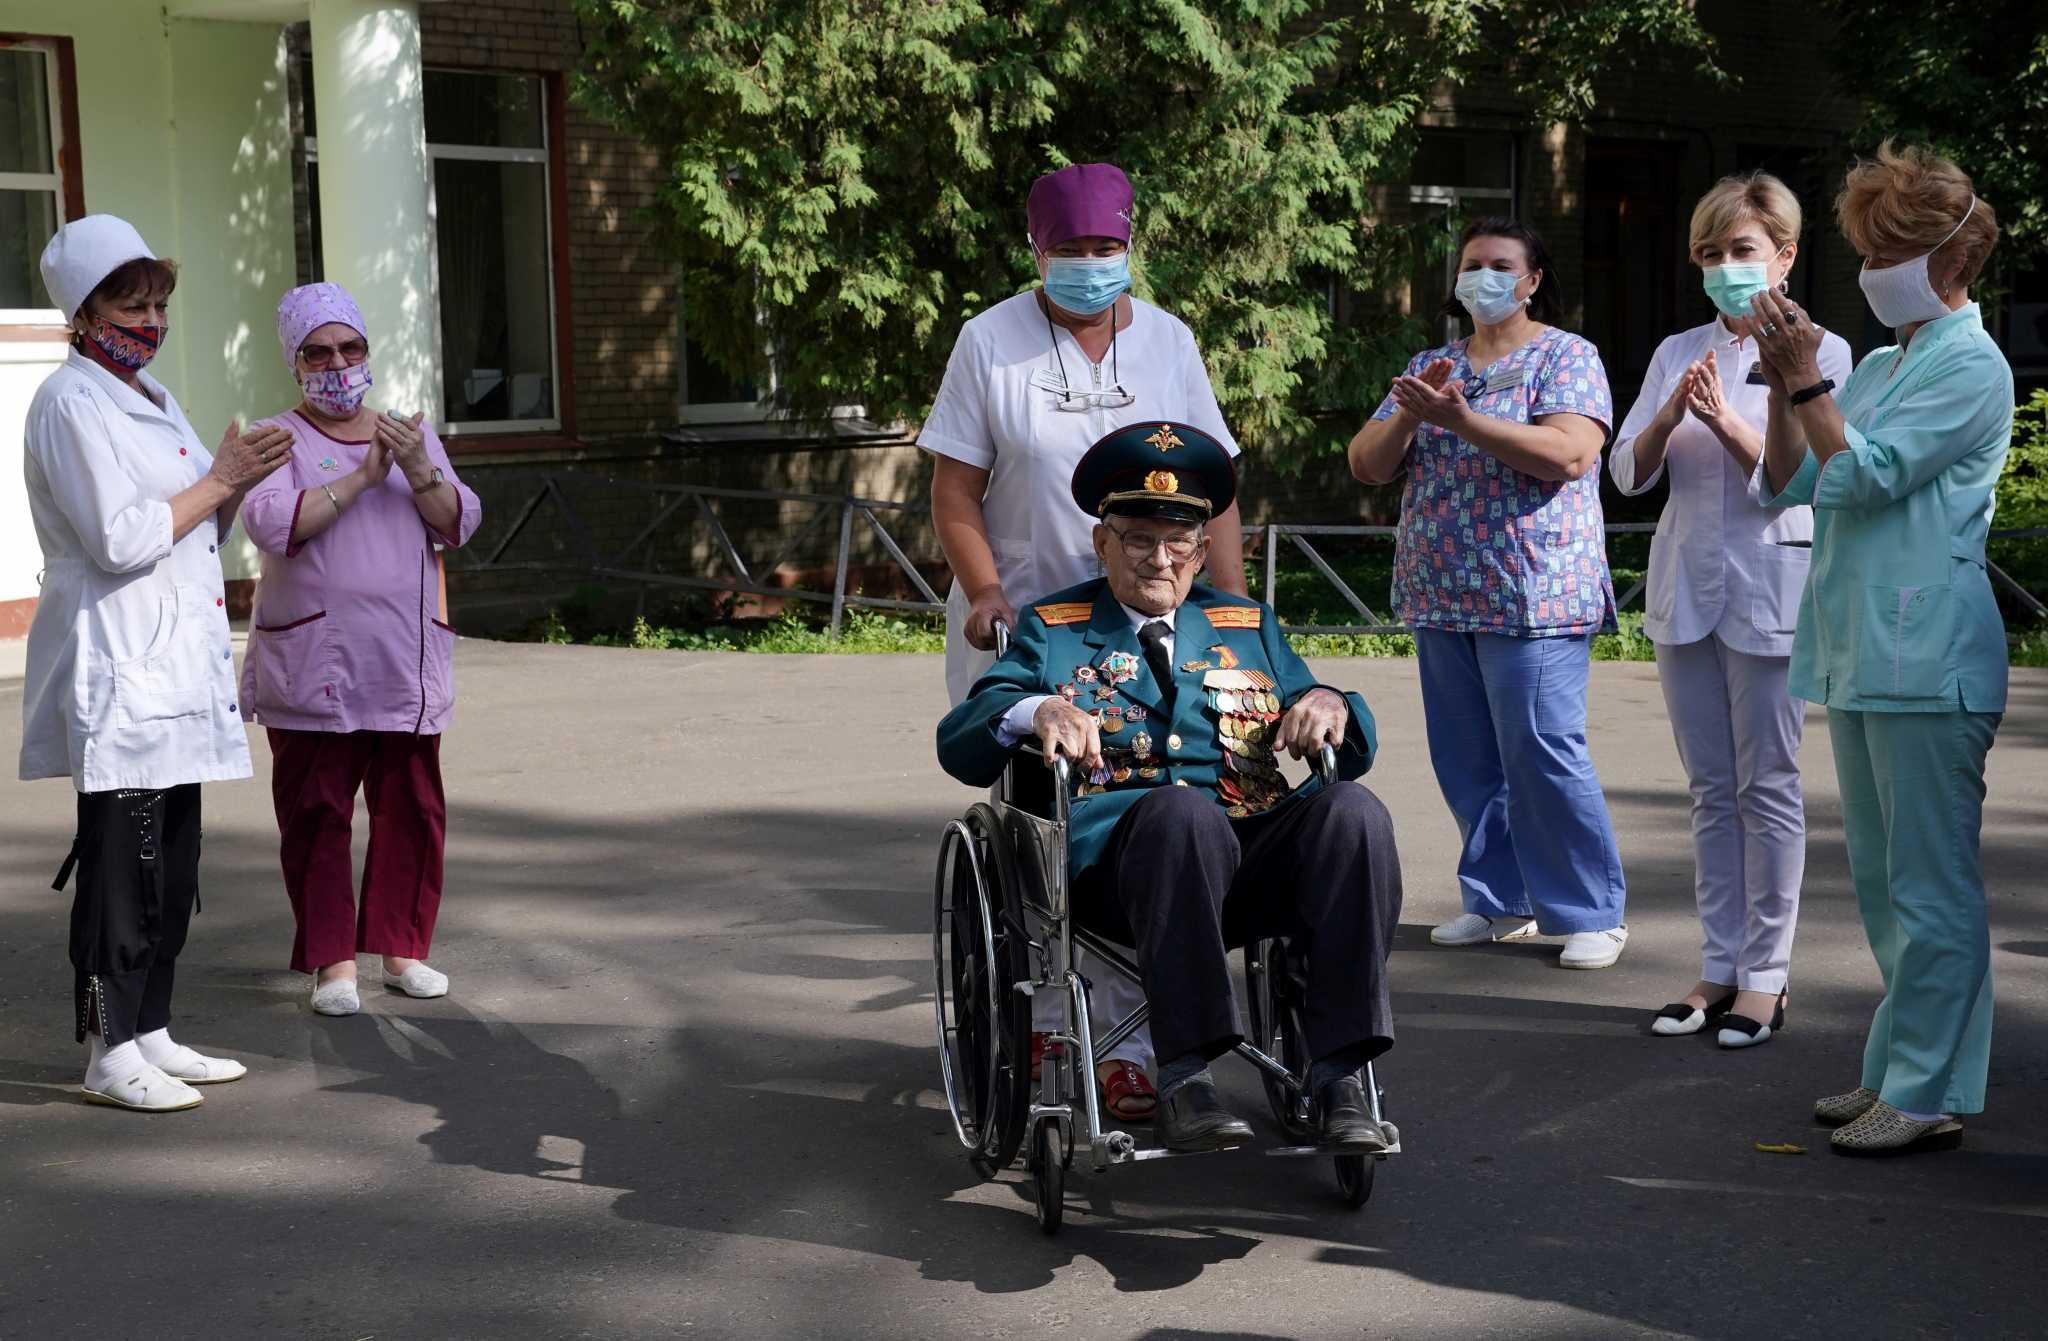 Ρωσία: Βετεράνος του Β' Παγκόσμιου ηλικίας 102 ετών νίκησε τον κορονοϊό